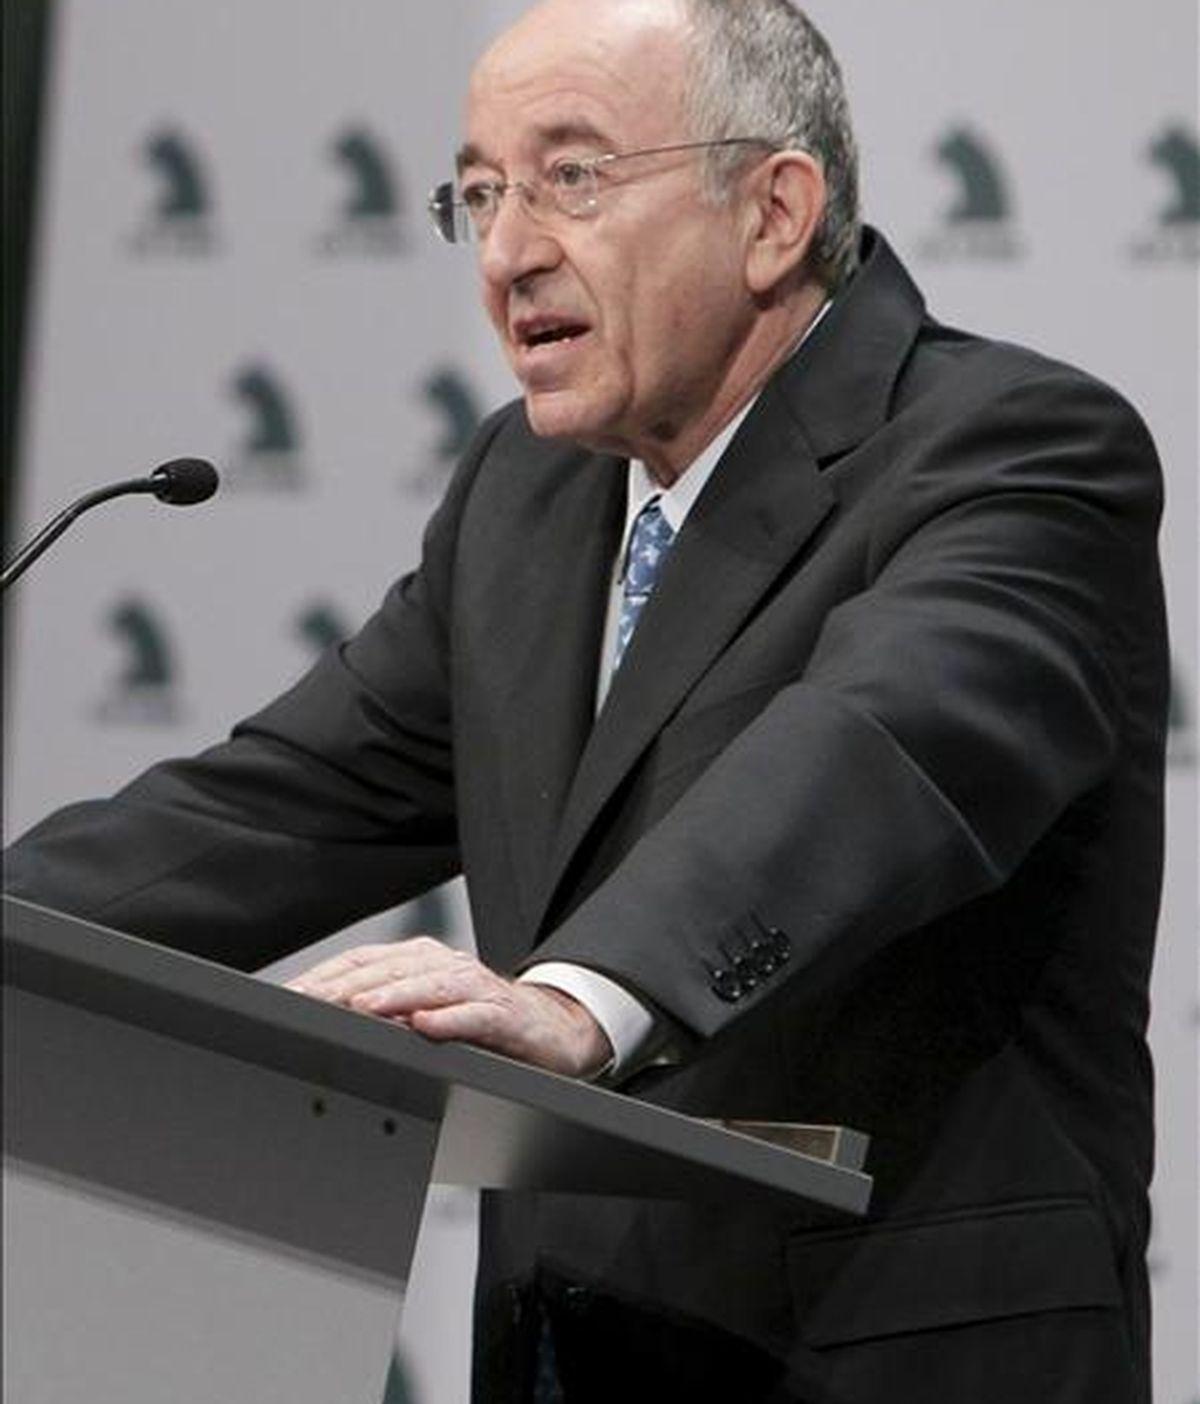 El gobernador del Banco de España, Miguel Ángel Fernández Ordóñez, ha pedido a las cajas que aceleren sus fusiones.  Vídeo: Informativos Telecinco